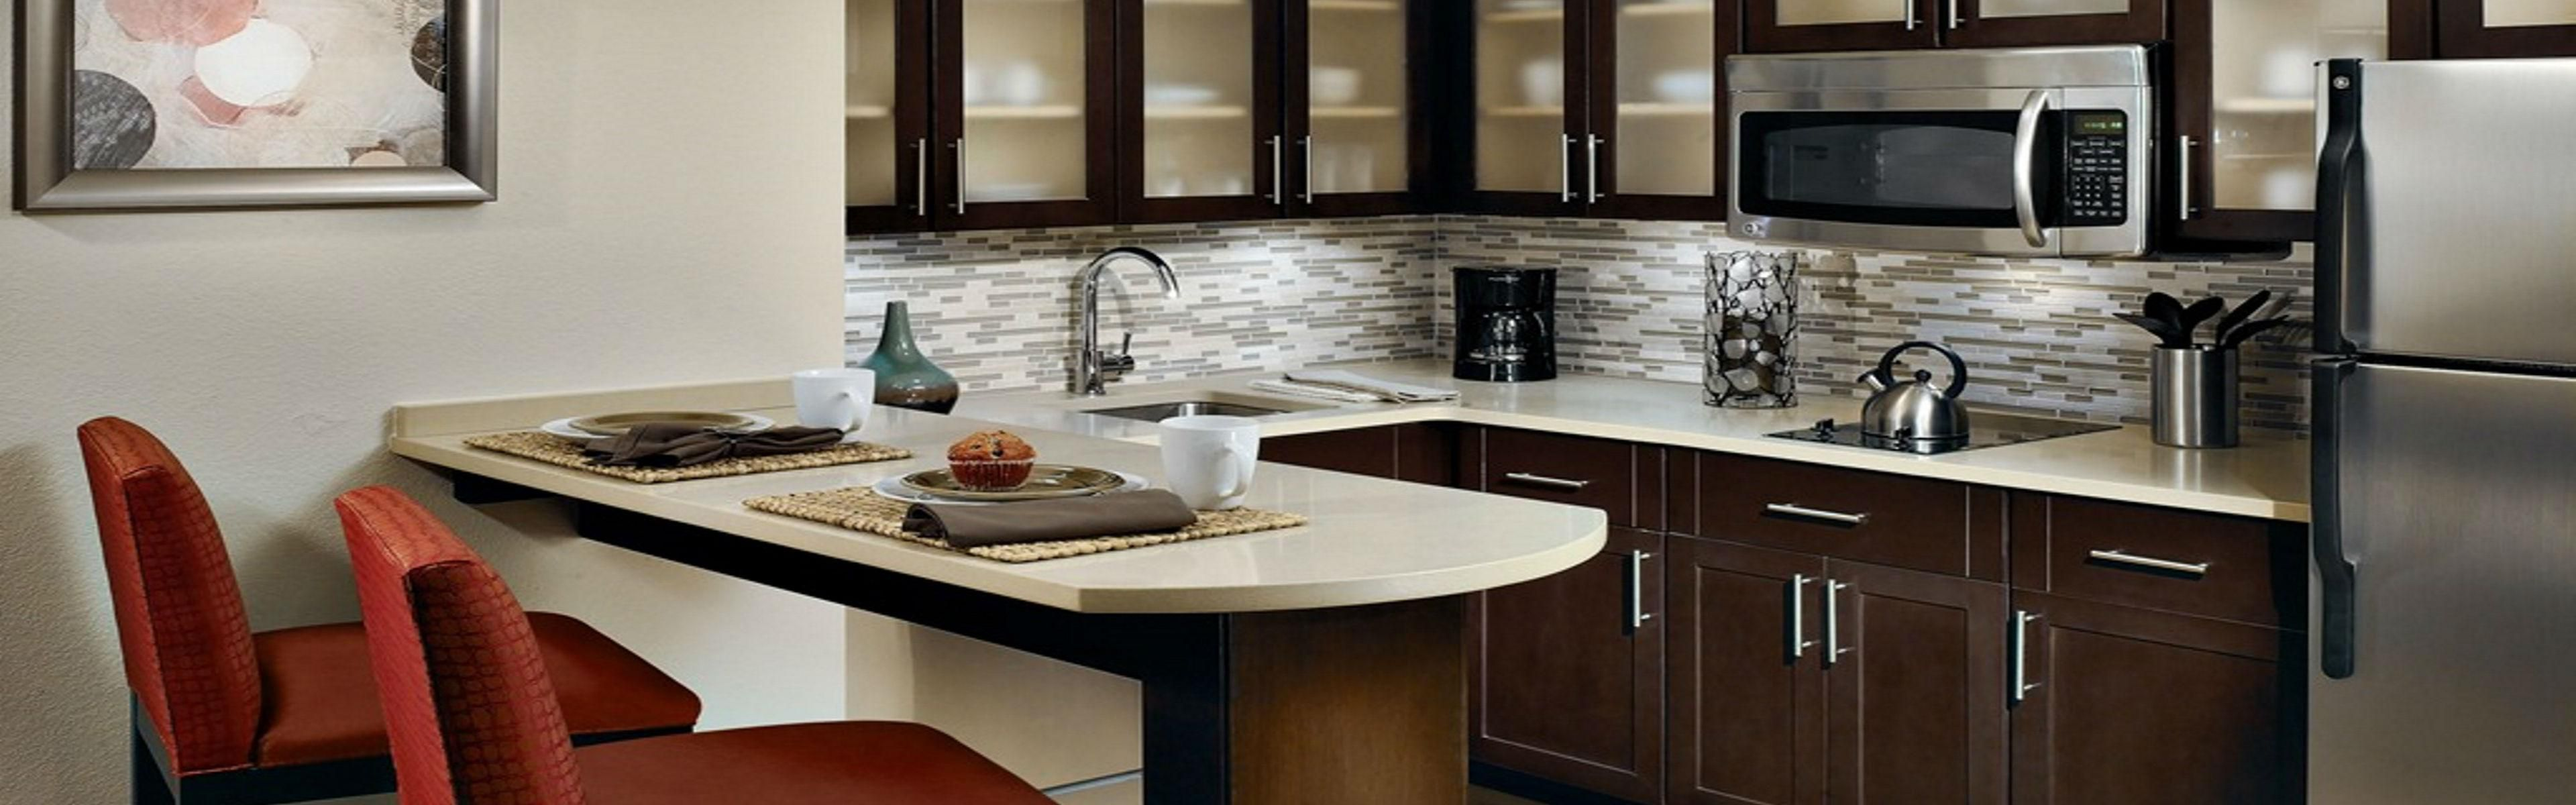 Staybridge Suites Houston W - Westchase Area image 1